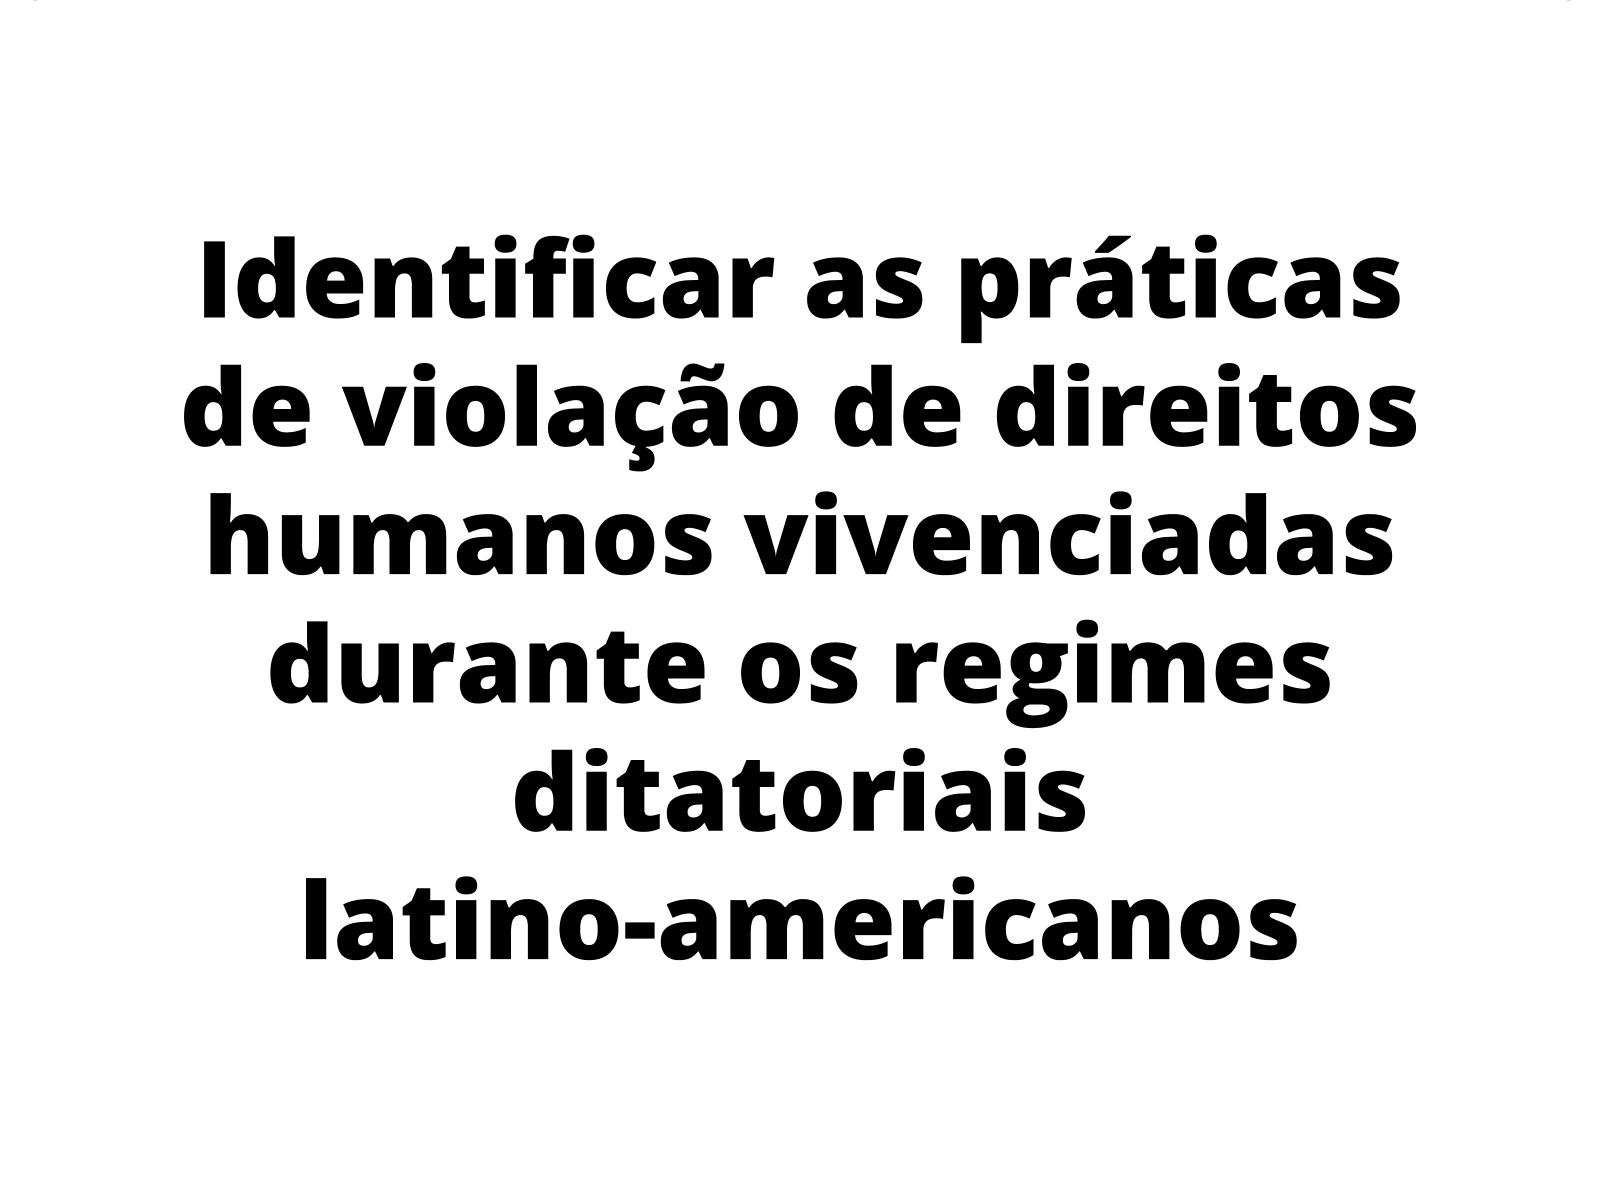 Os direitos humanos e os regimes ditatoriais latino-americanos